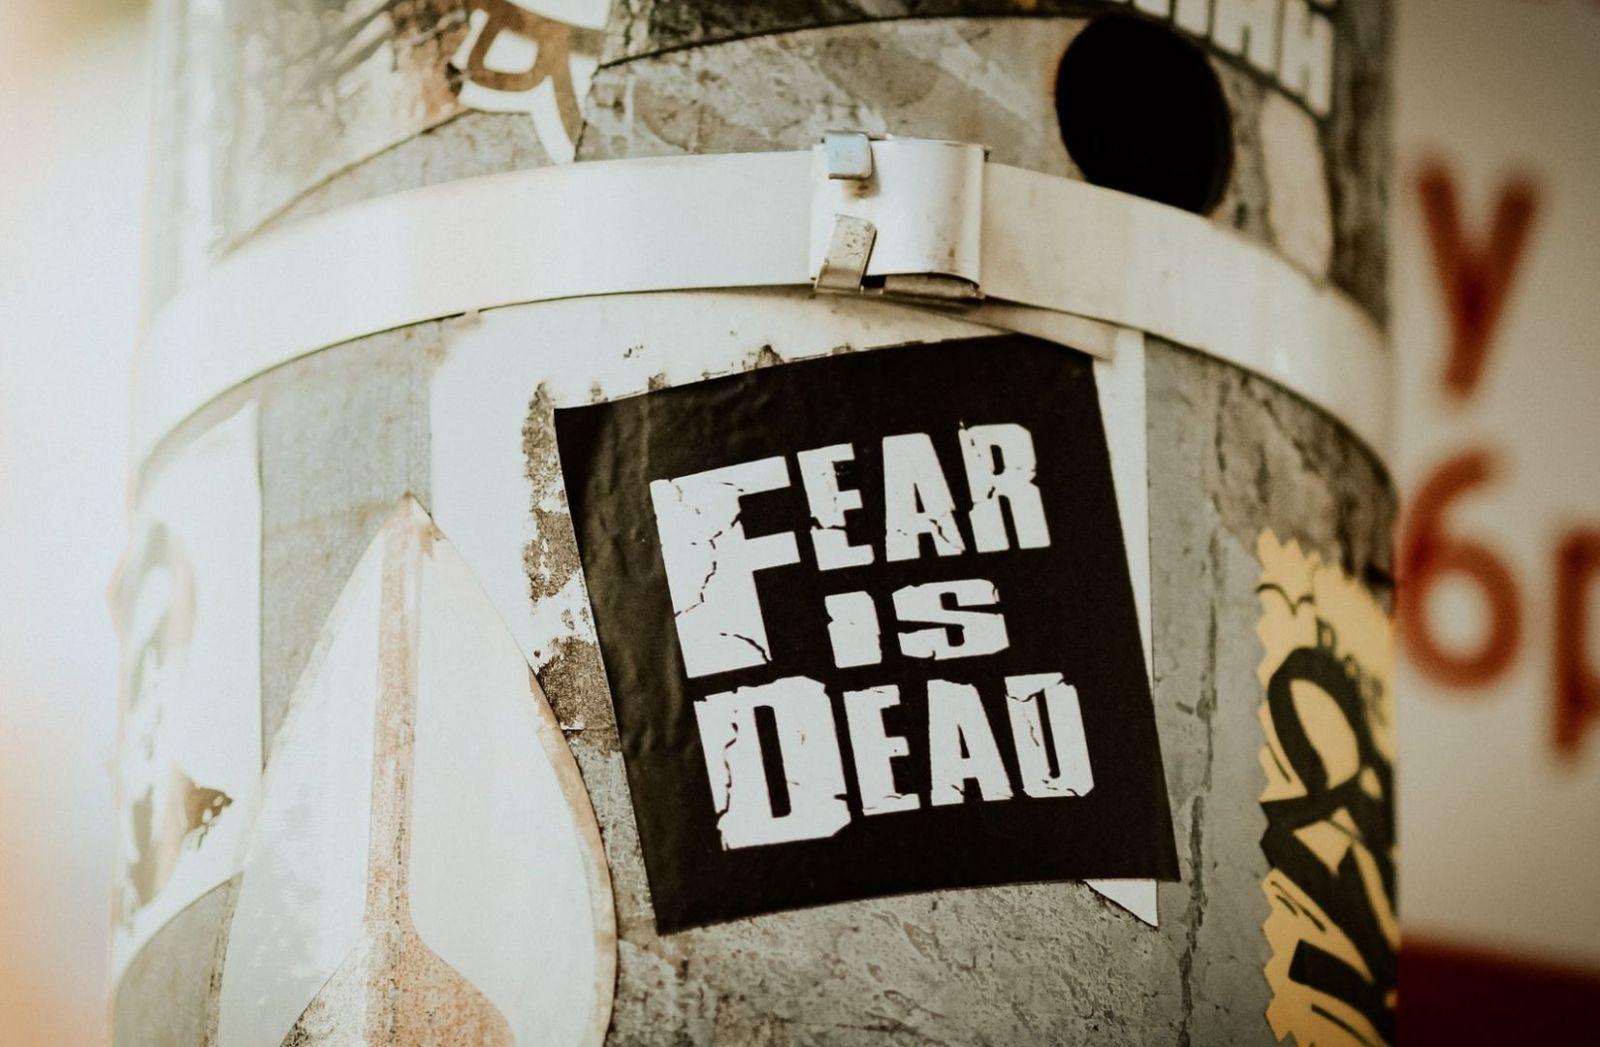 Aufeinander zu, ist ein Ausweg. Denn Furcht ist der Tod auch im Sommermärchen. (Foto: Jon Tyson, Unsplash.com)